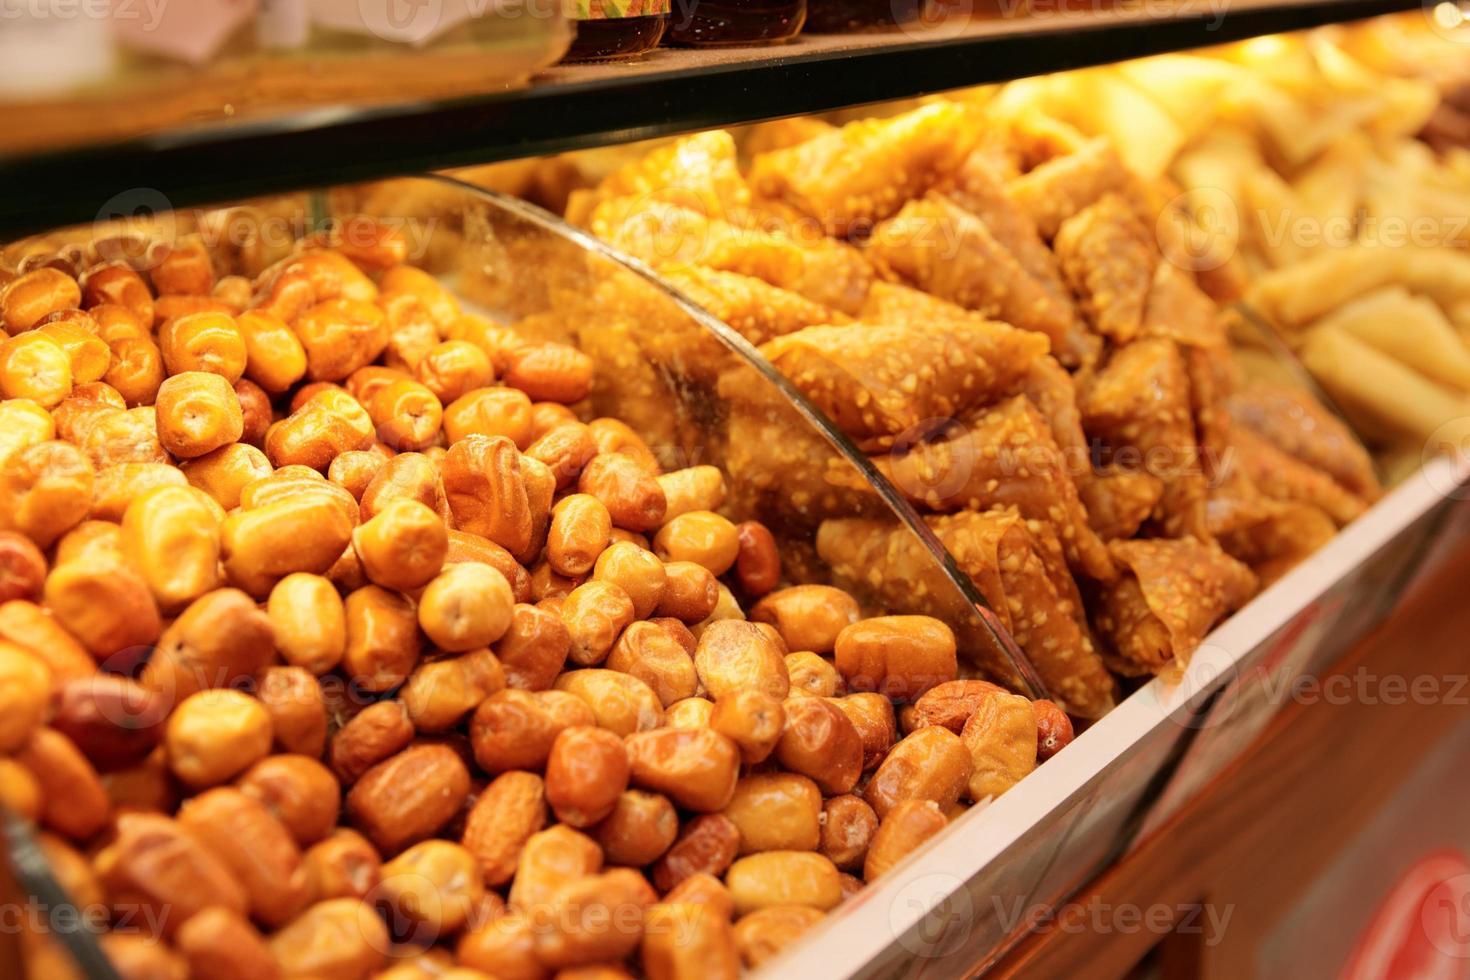 noix et baklava sur l'étagère du marché photo